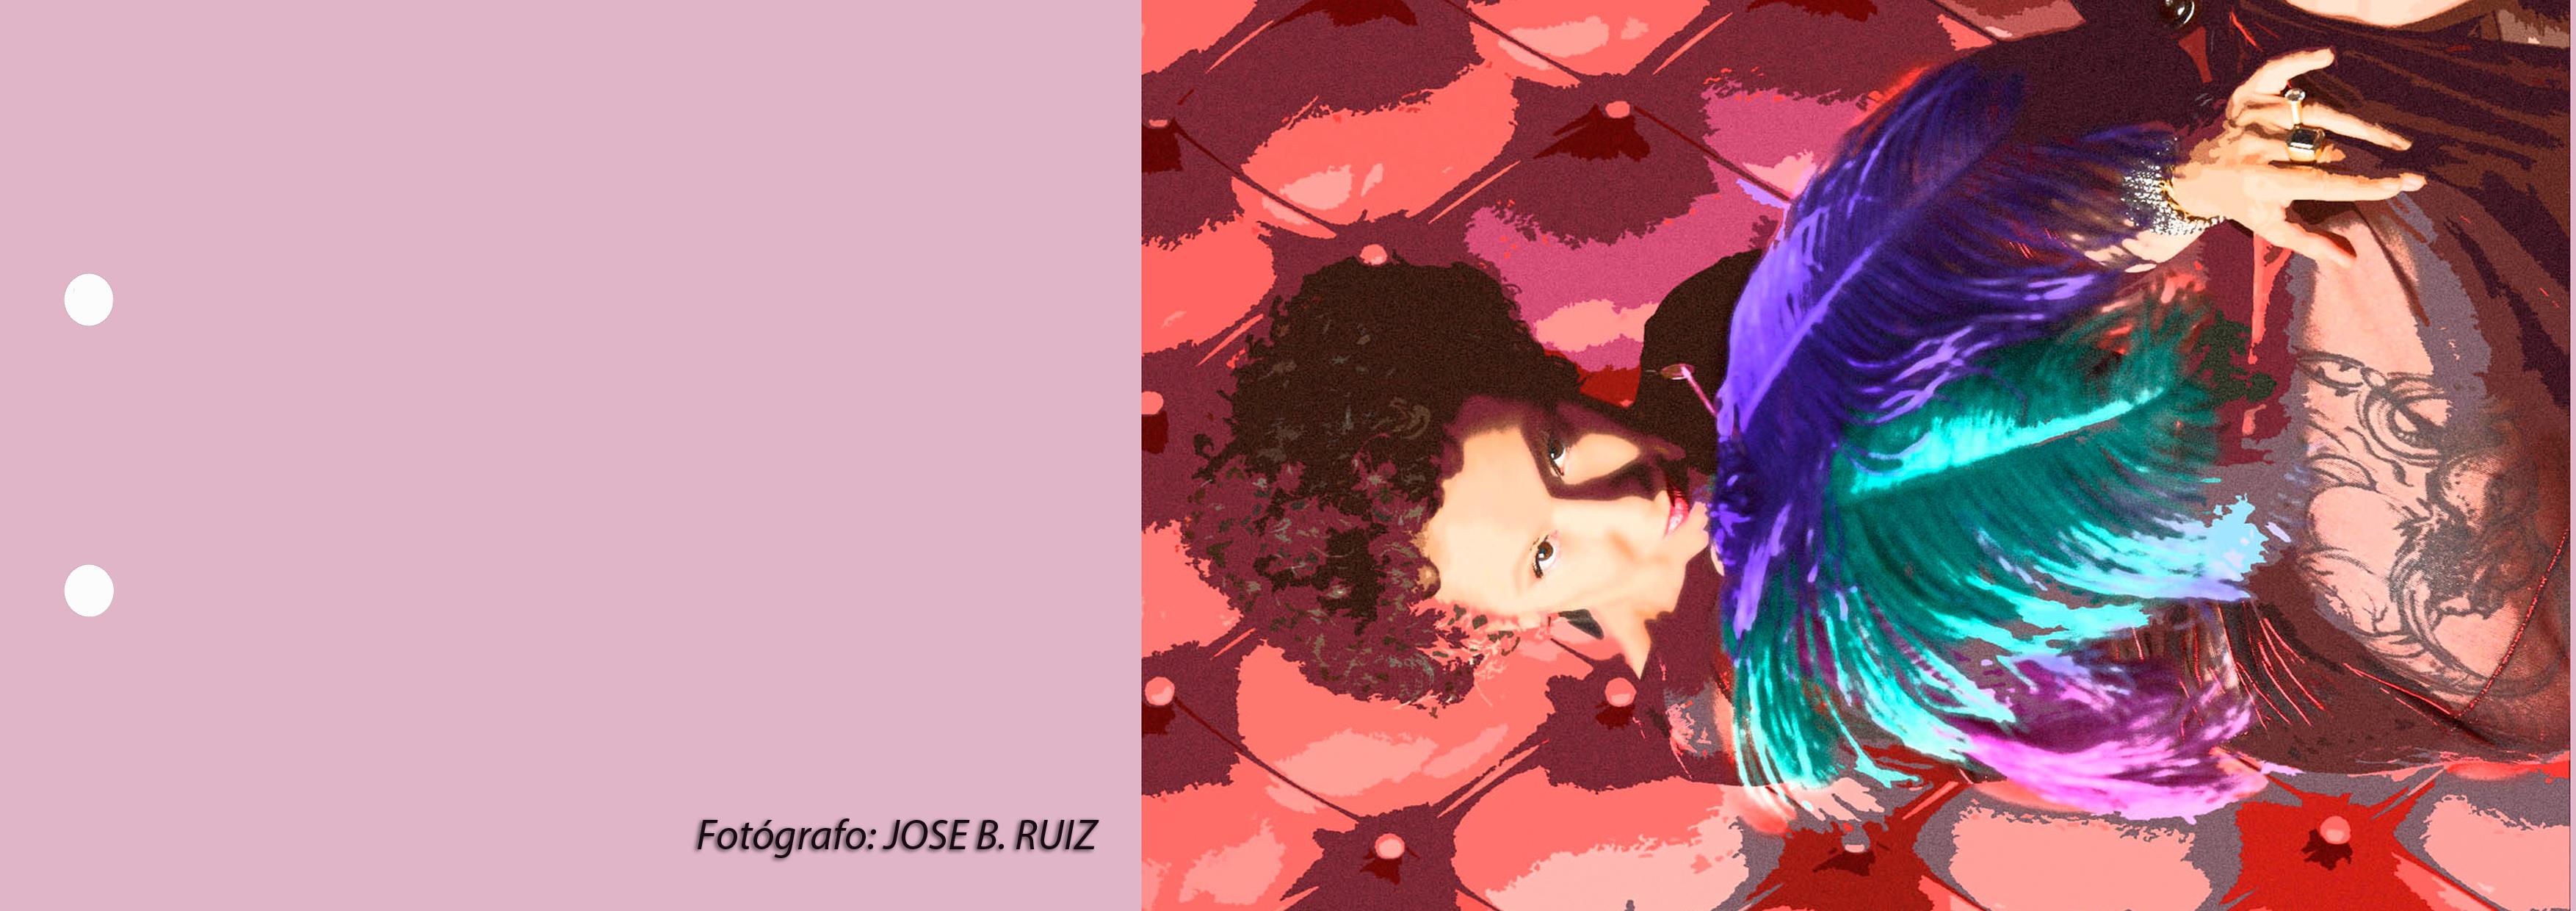 46-catalogo-JOSE-B-RUIZ.jpg